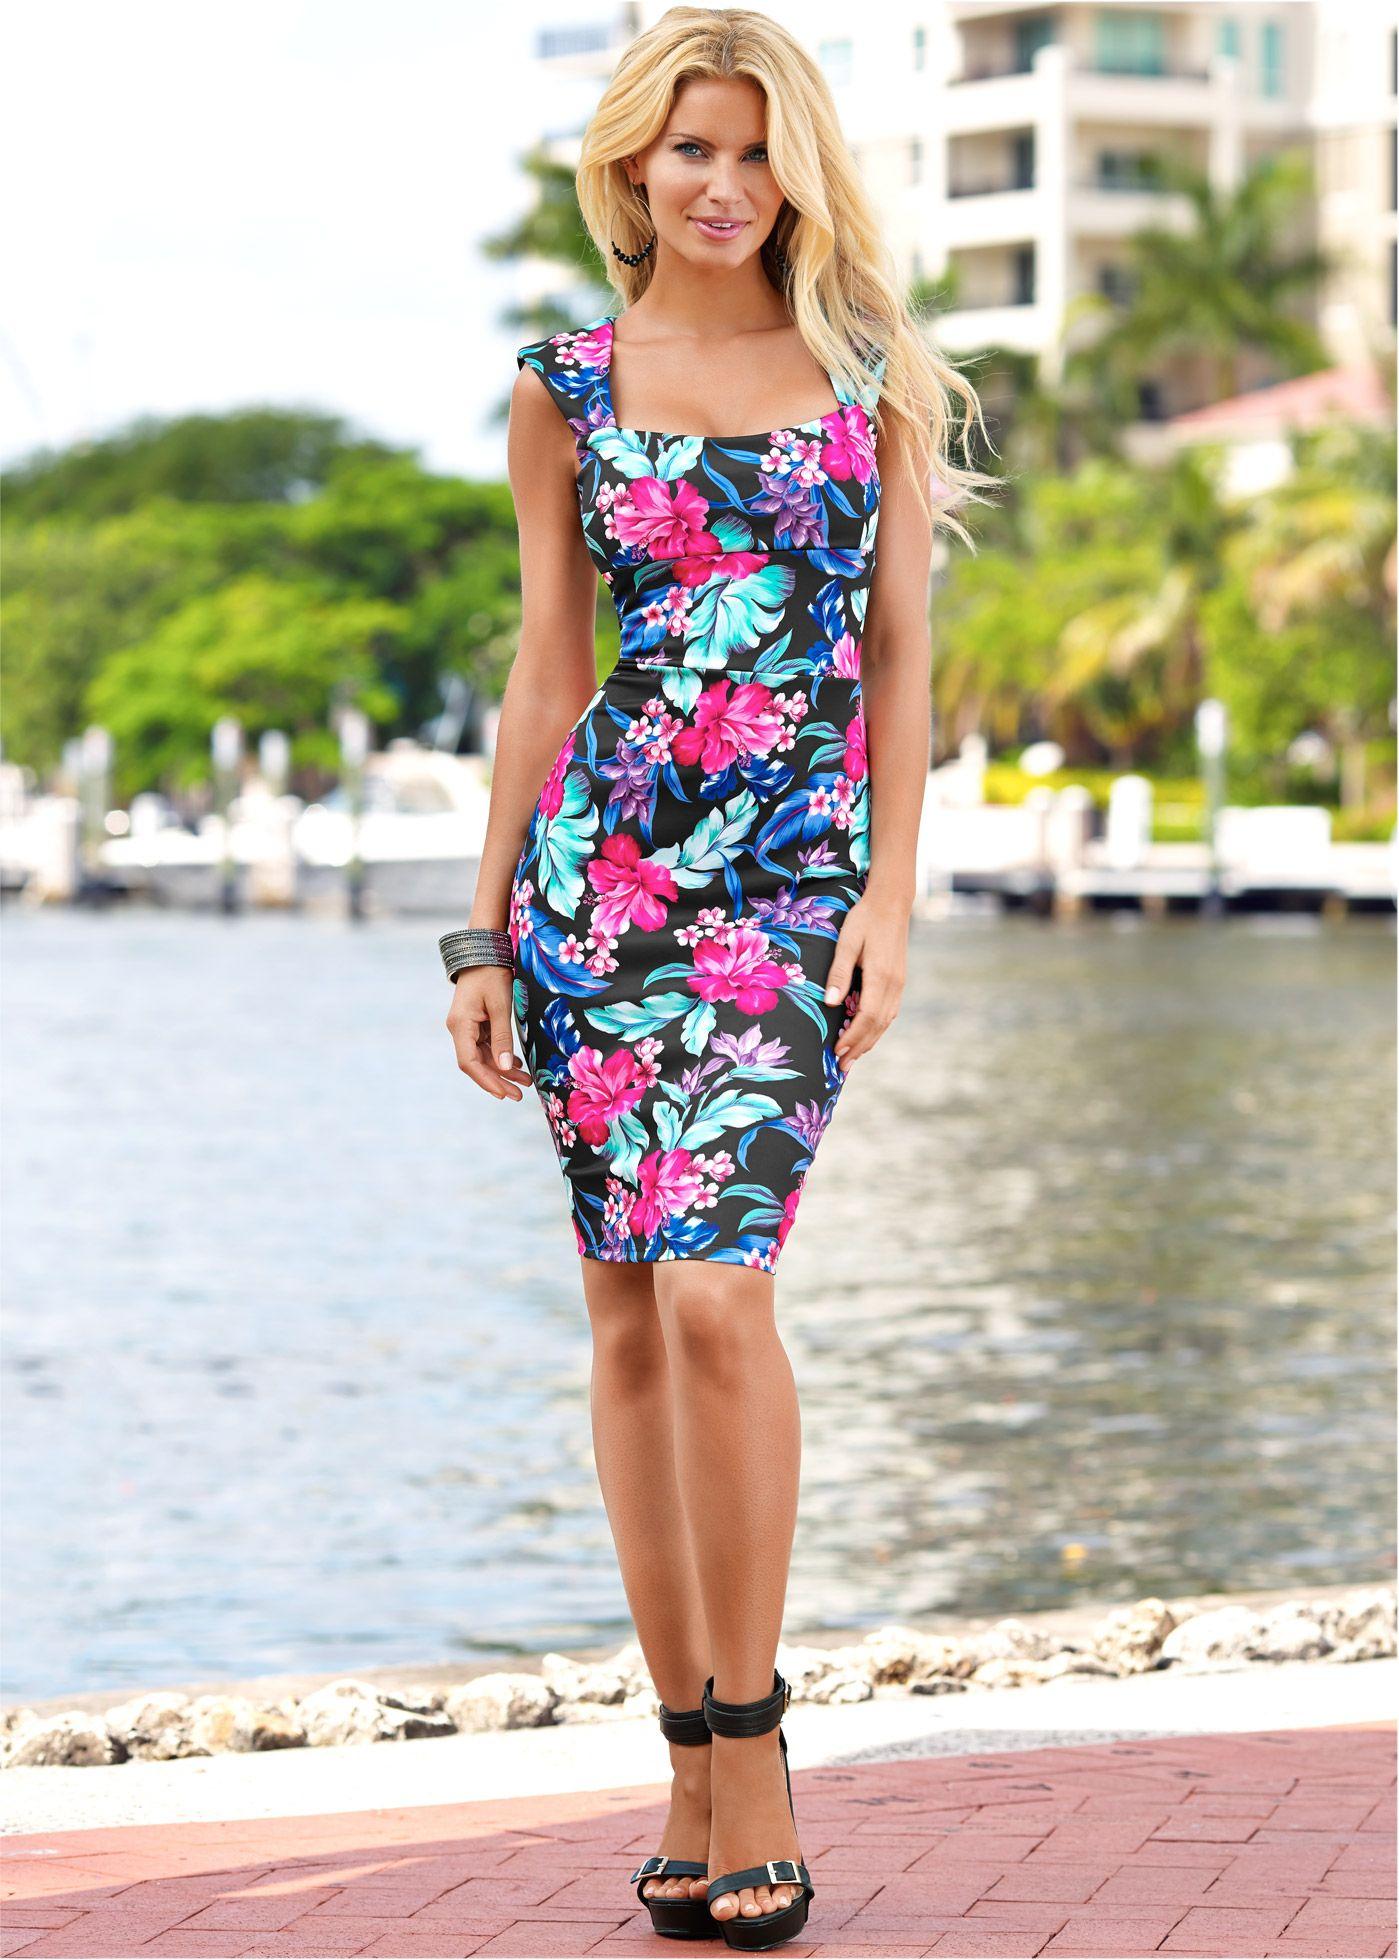 6aa29056777fe2 Jurk blauw gebloemd - BODYFLIRT boutique nu in de onlineshop van bonprix.nl  vanaf   43.99 bestellen. Eyecatcher! Accentuerende jurk met brede